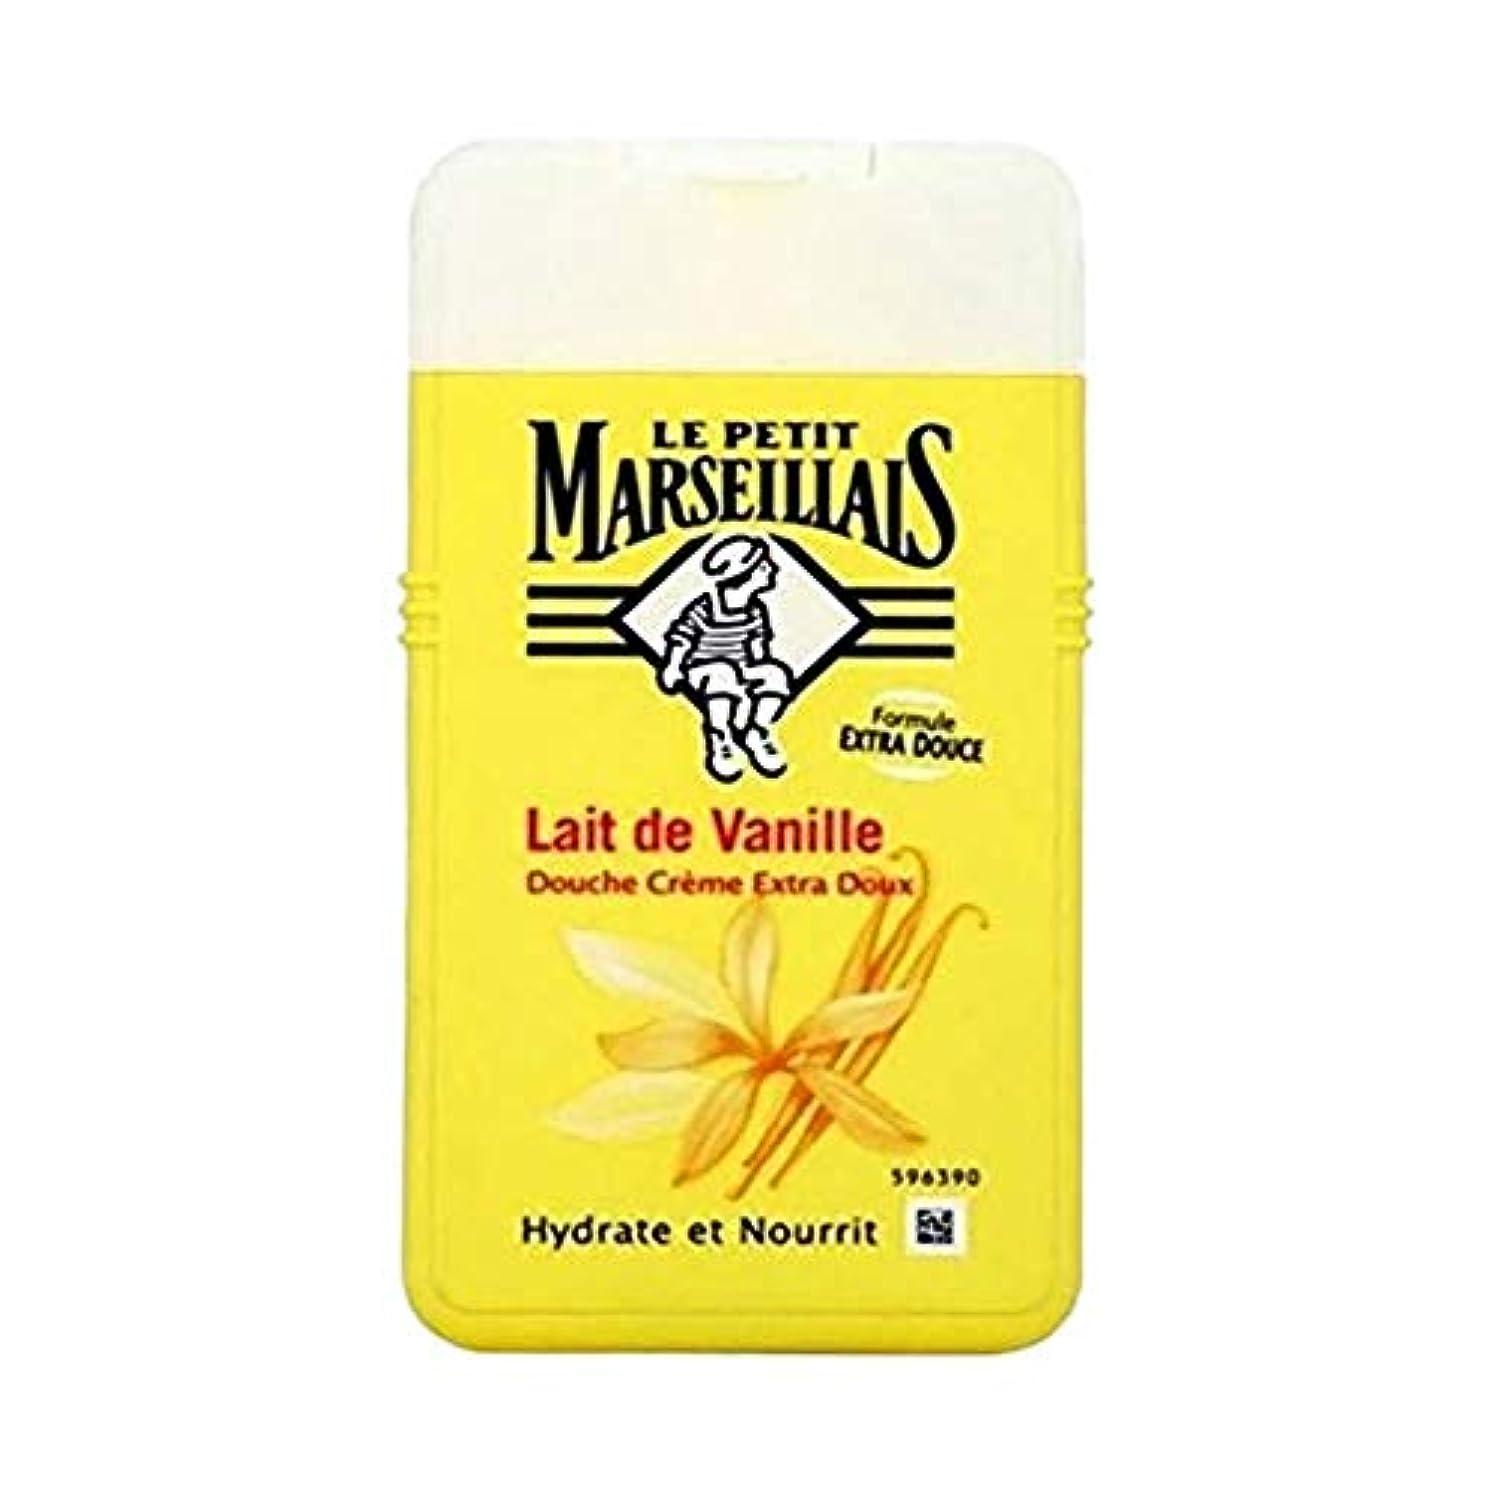 友情ベッドアクセサリール?プティ?マルセイユ (Le Petit Marseillais) バニラミルク シャワークリーム ボディウォッシュ 250ml